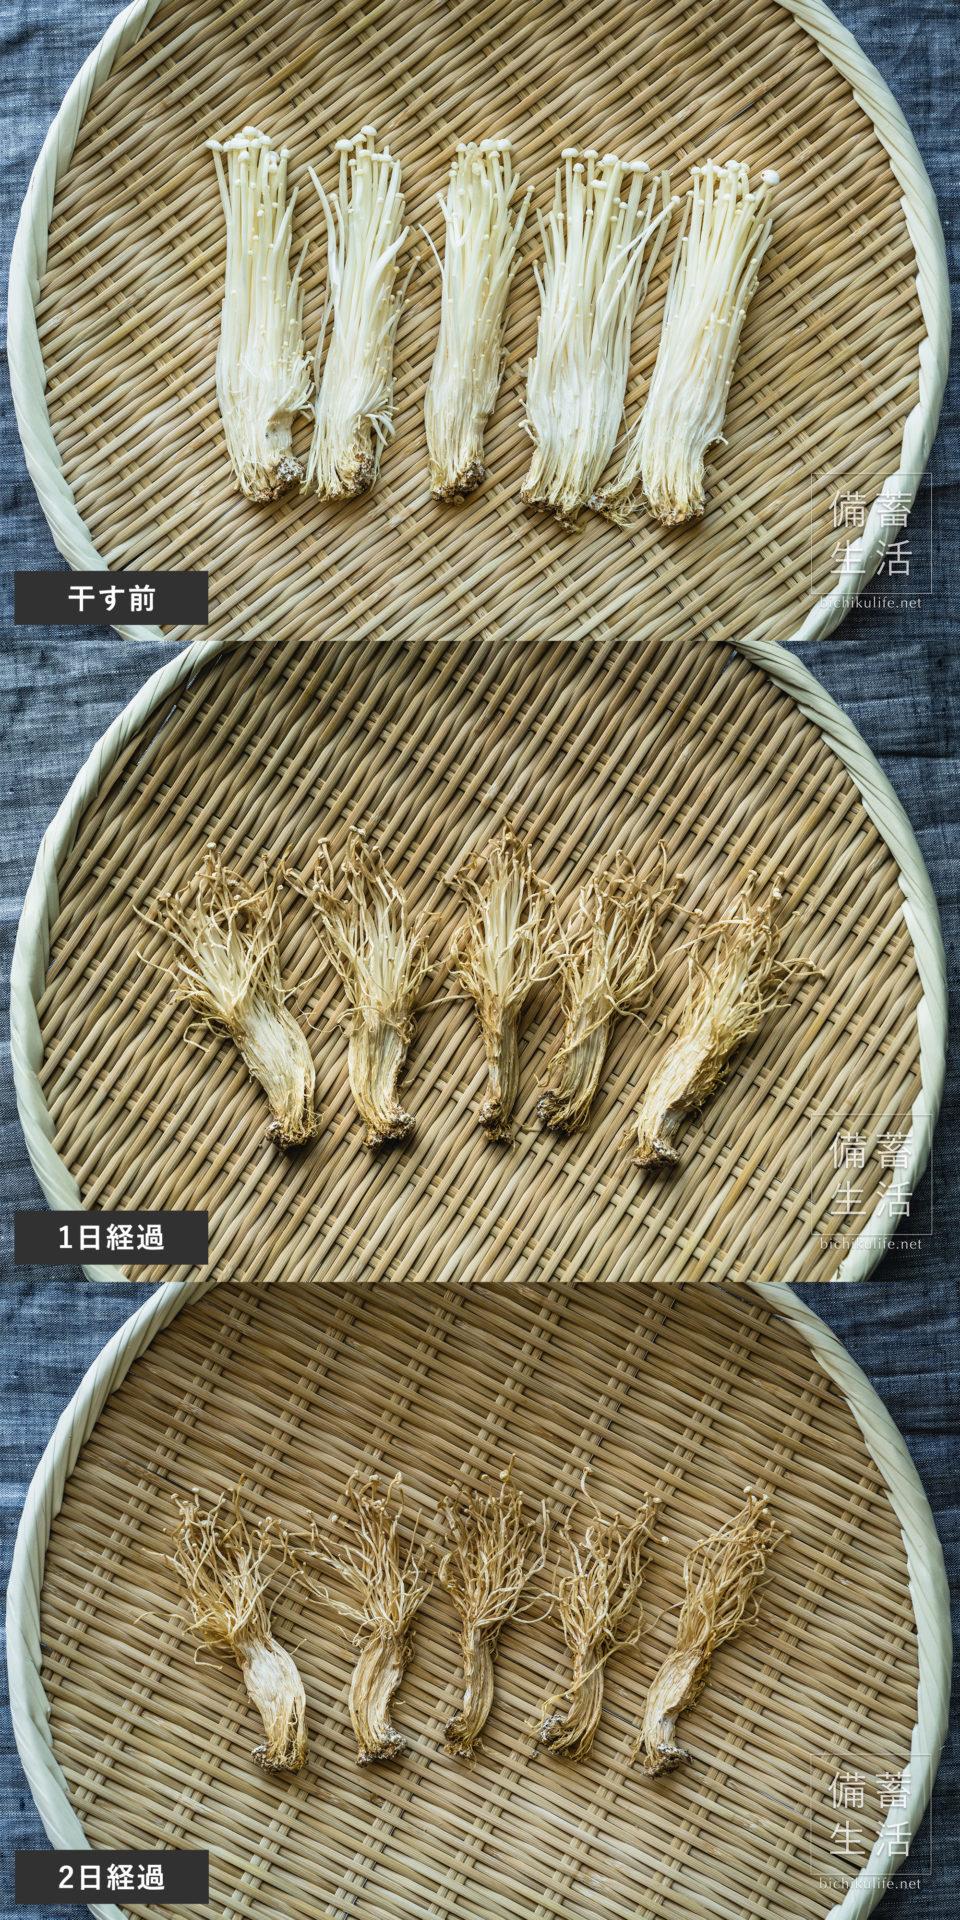 えのきだけ 干し野菜づくり|干しえのき茸の作り方